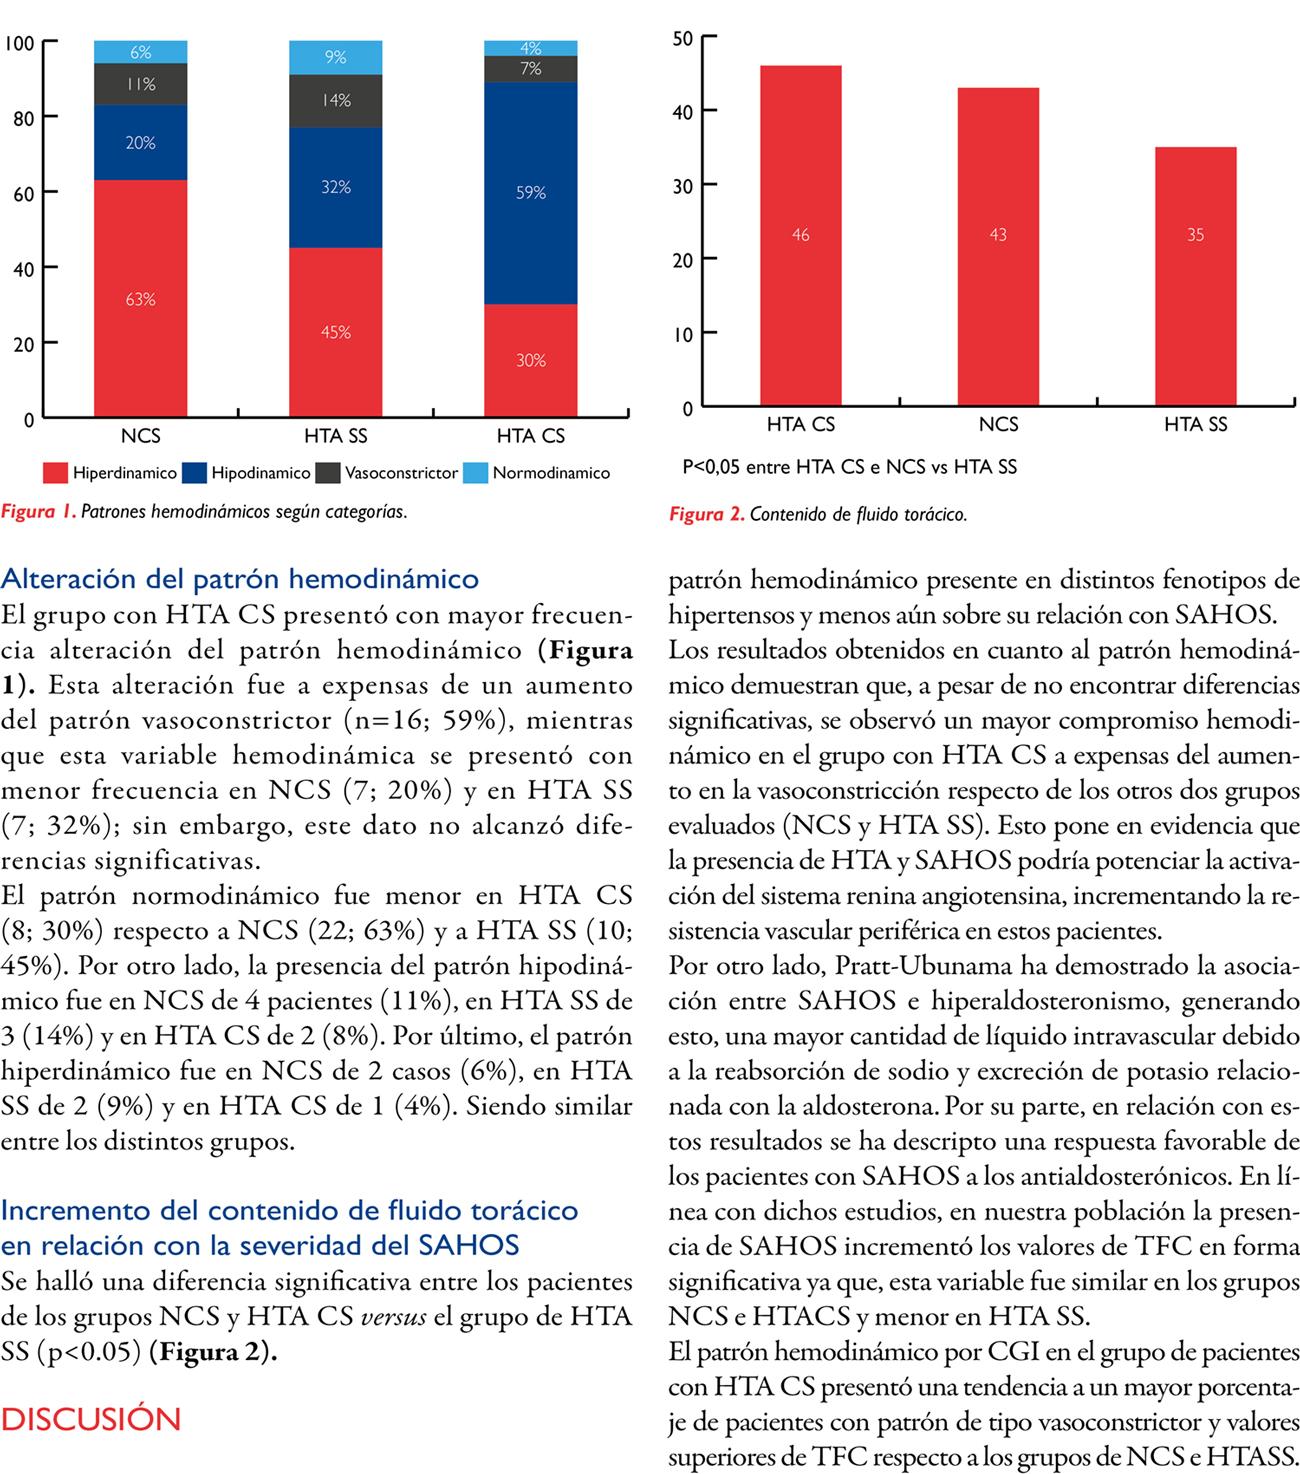 Caracterización hemodinámica de pacientes con diagnóstico de hipertensión arterial y síndrome de apneas hipopneas obstructivas del sueño